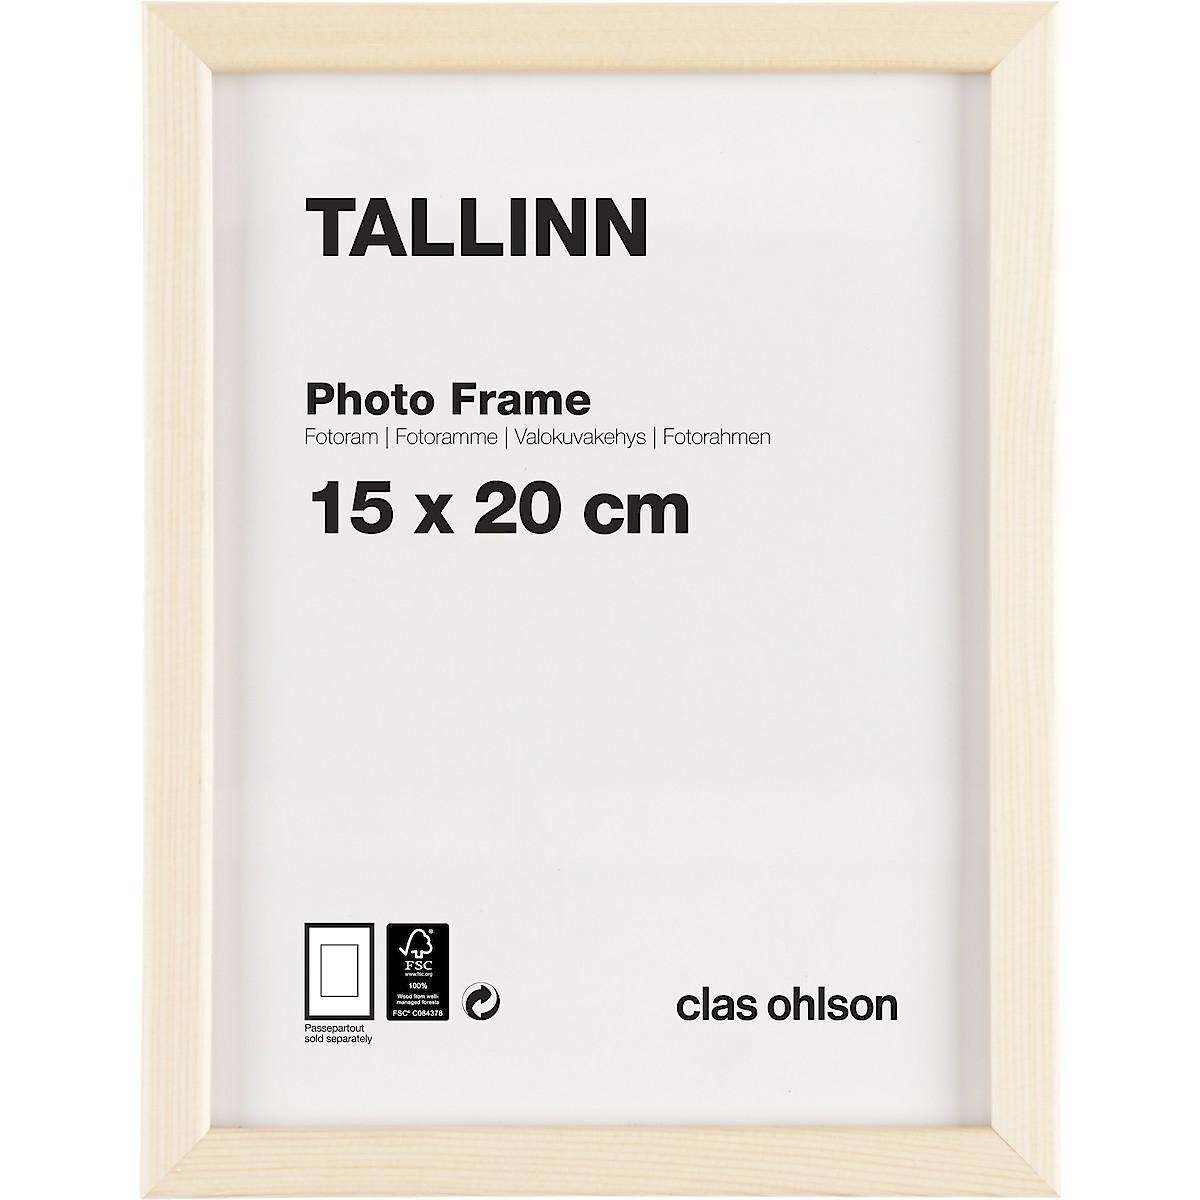 Fotoram Tallinn furu